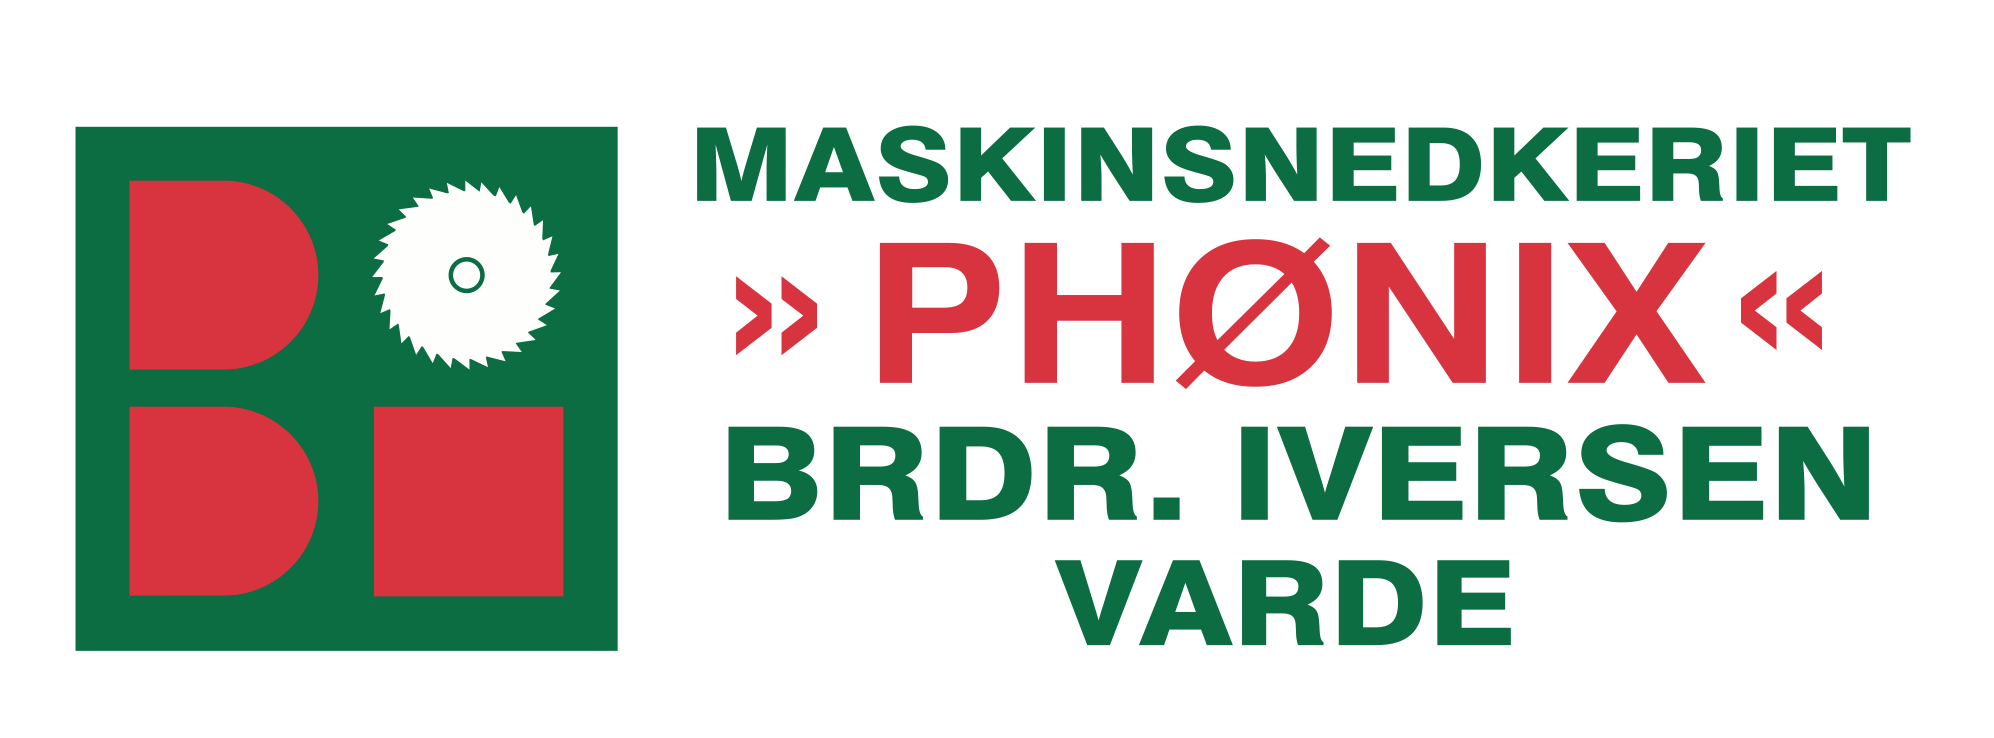 Phønix logo.png